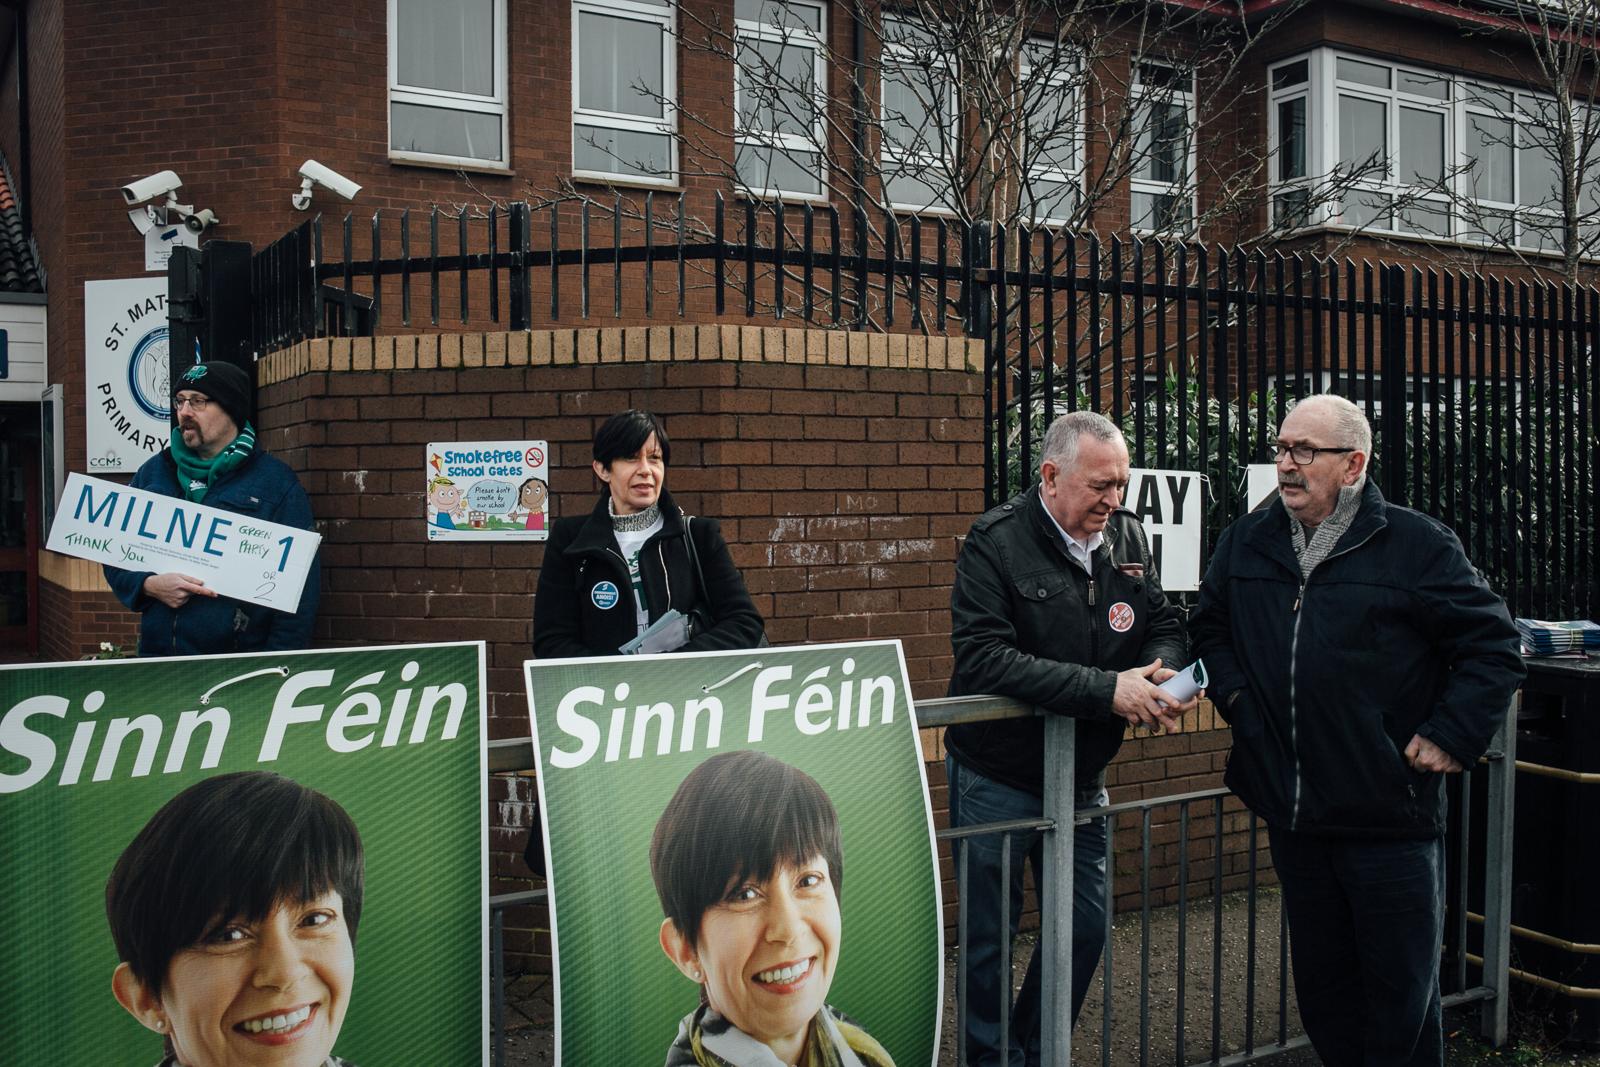 Belfast, le 2 mars 2017. Jour d'éléctions législatives anticipées à Belfast. Dans East Belfast, une enclave republicaine, la candidate du Sinn Fein (parti républicain catholique) attend ses électeurs.